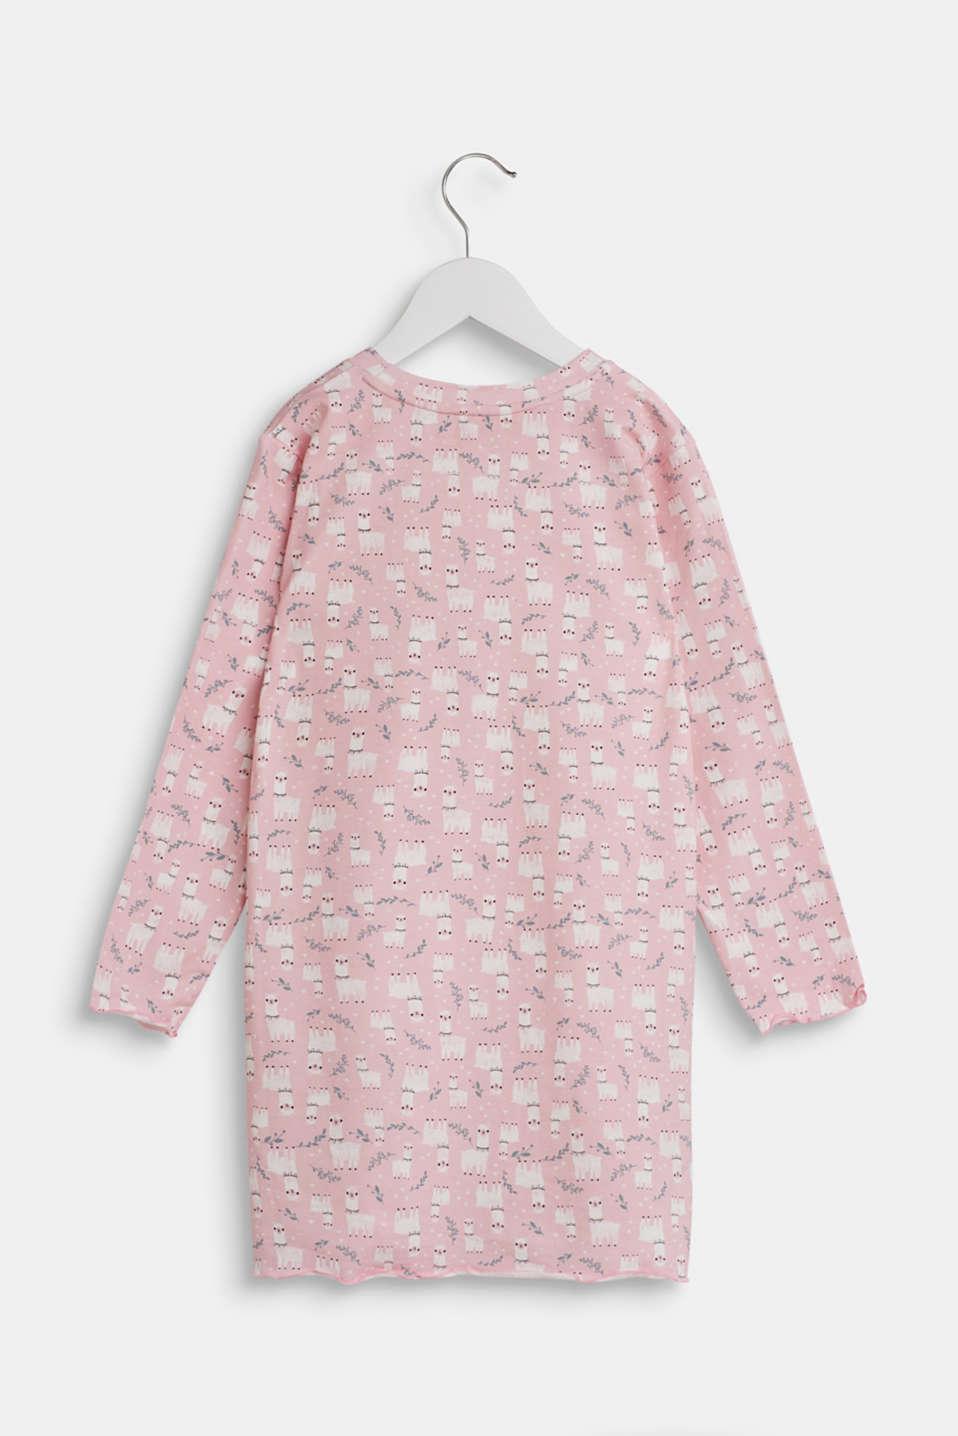 Llama motif nightshirt made of stretch cotton, PASTEL PINK, detail image number 1